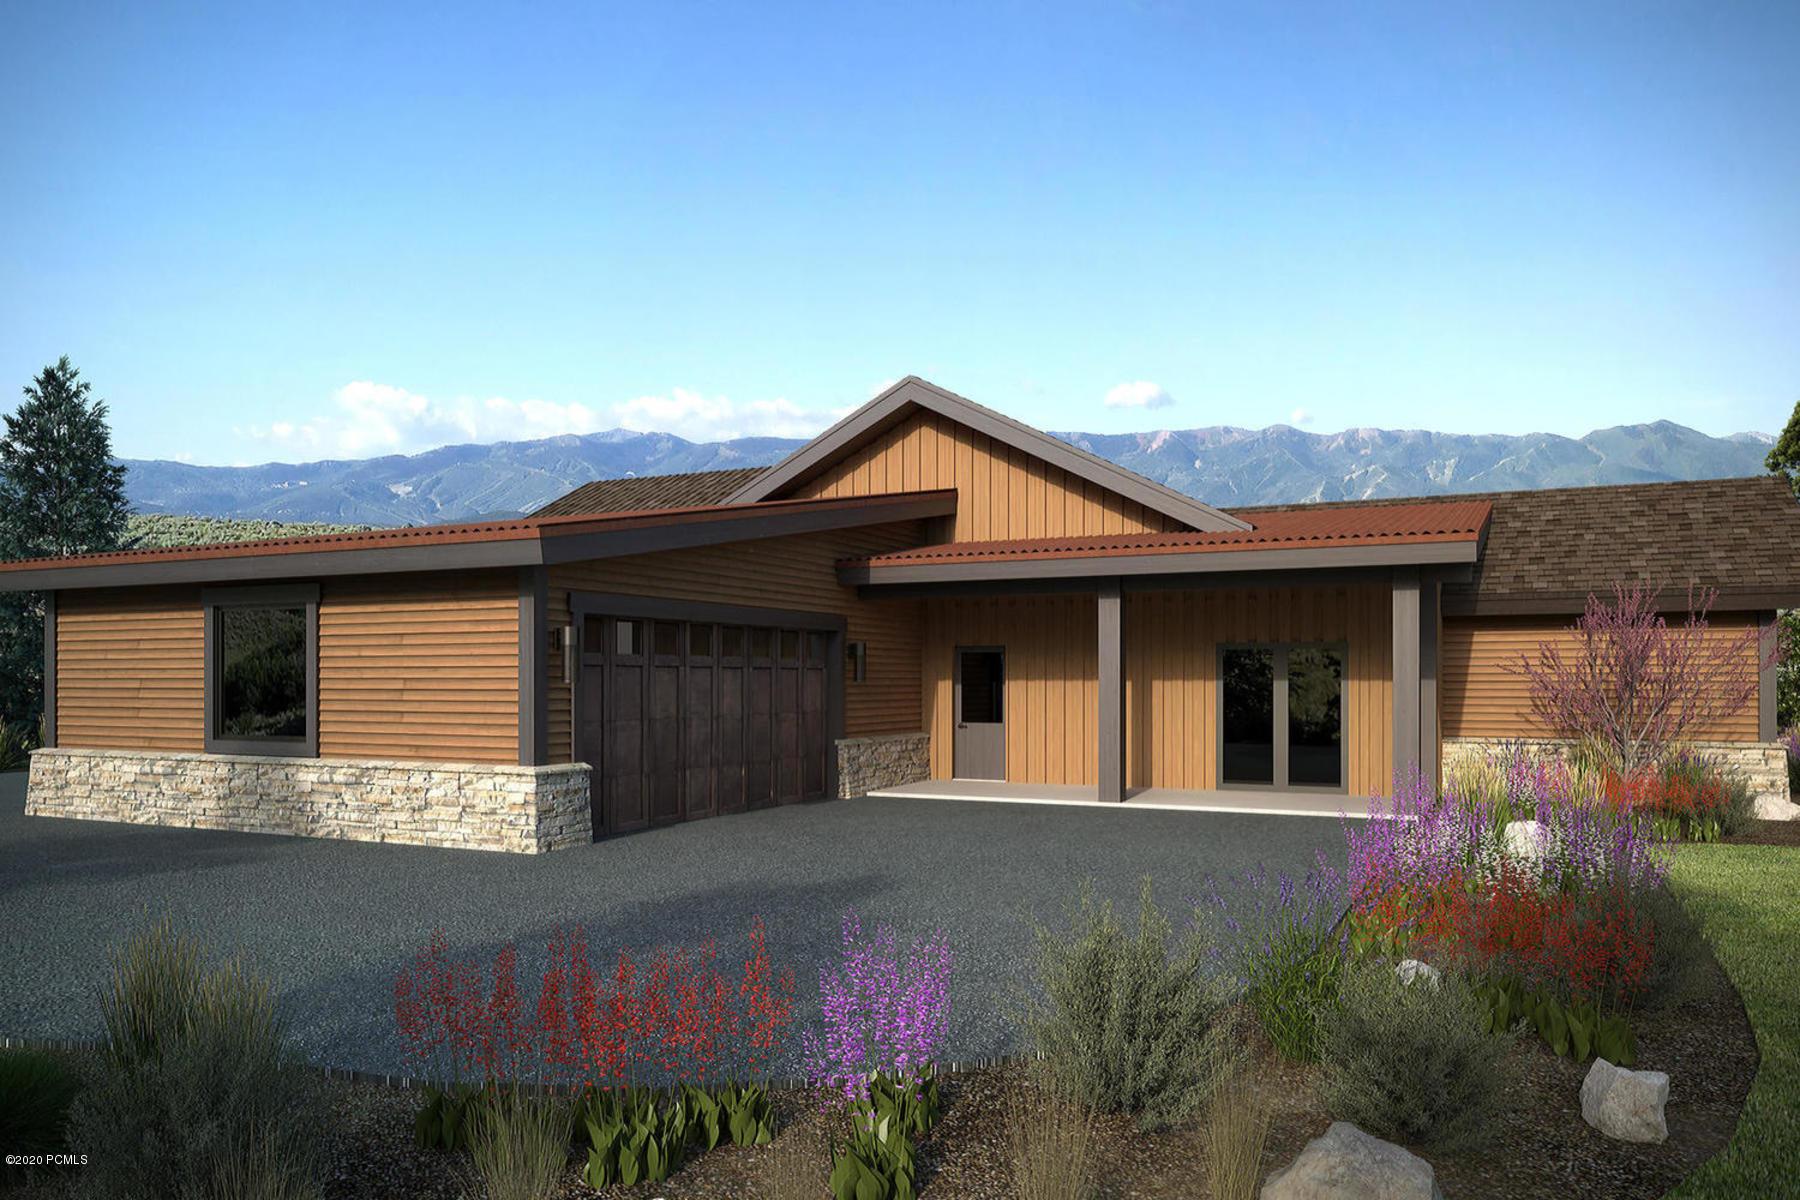 415 Thorn Creek Drive, Kamas, Utah 84036, 3 Bedrooms Bedrooms, ,3 BathroomsBathrooms,Single Family,For Sale,Thorn Creek,20190109112430415765000000